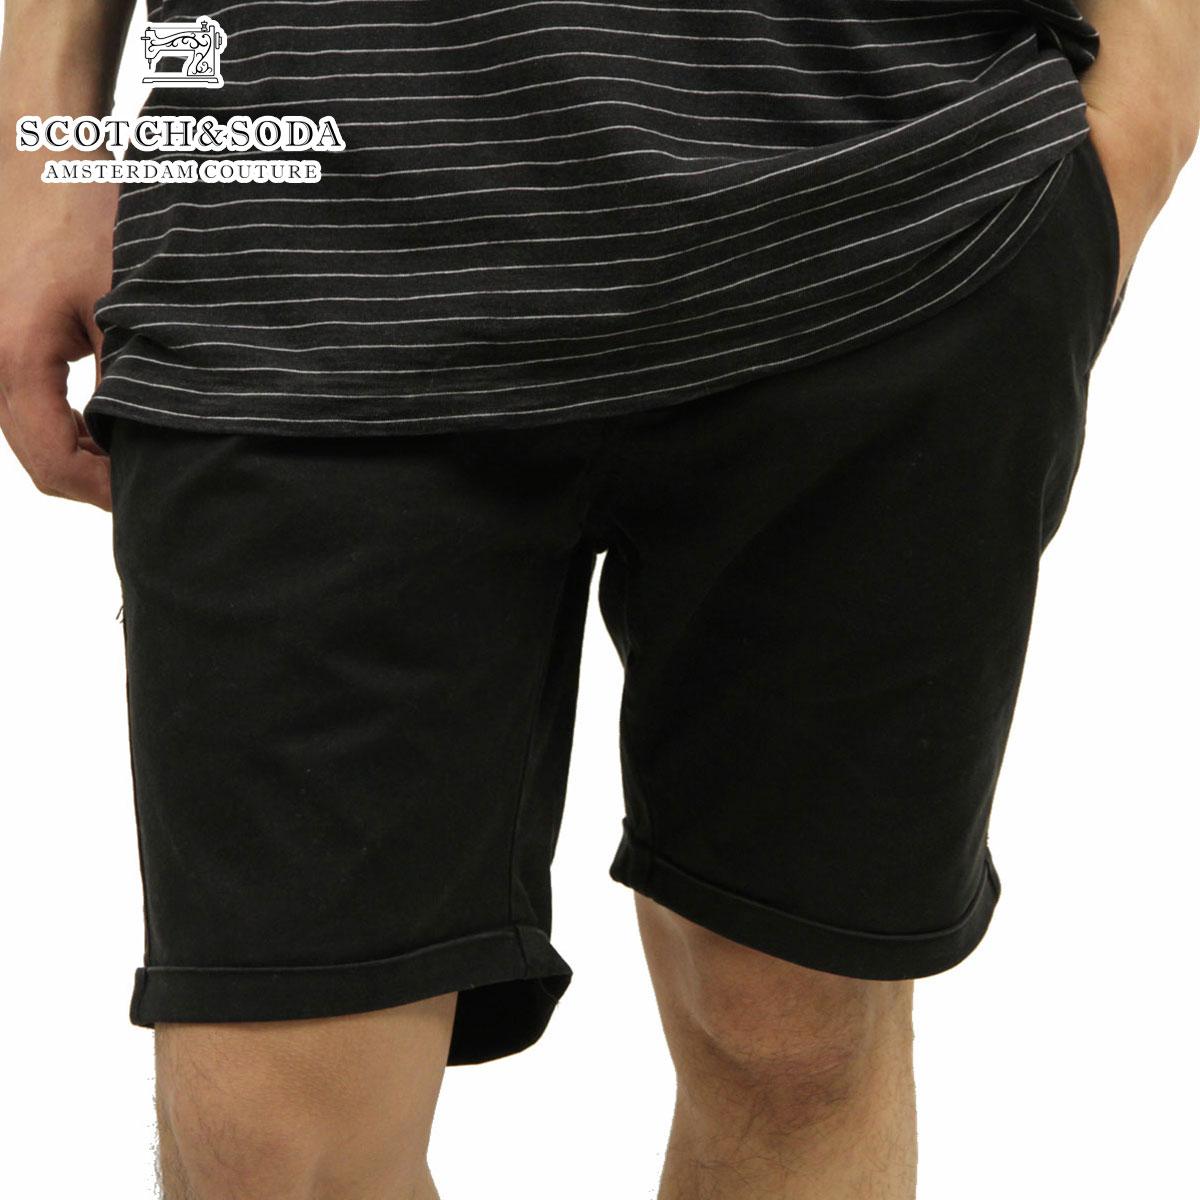 【販売期間 4/2 10:00~4/8 09:59】 スコッチアンドソーダ SCOTCH&SODA 正規販売店 メンズ ショートパンツ Basic garment dyed chino short 131024 90 D15S25